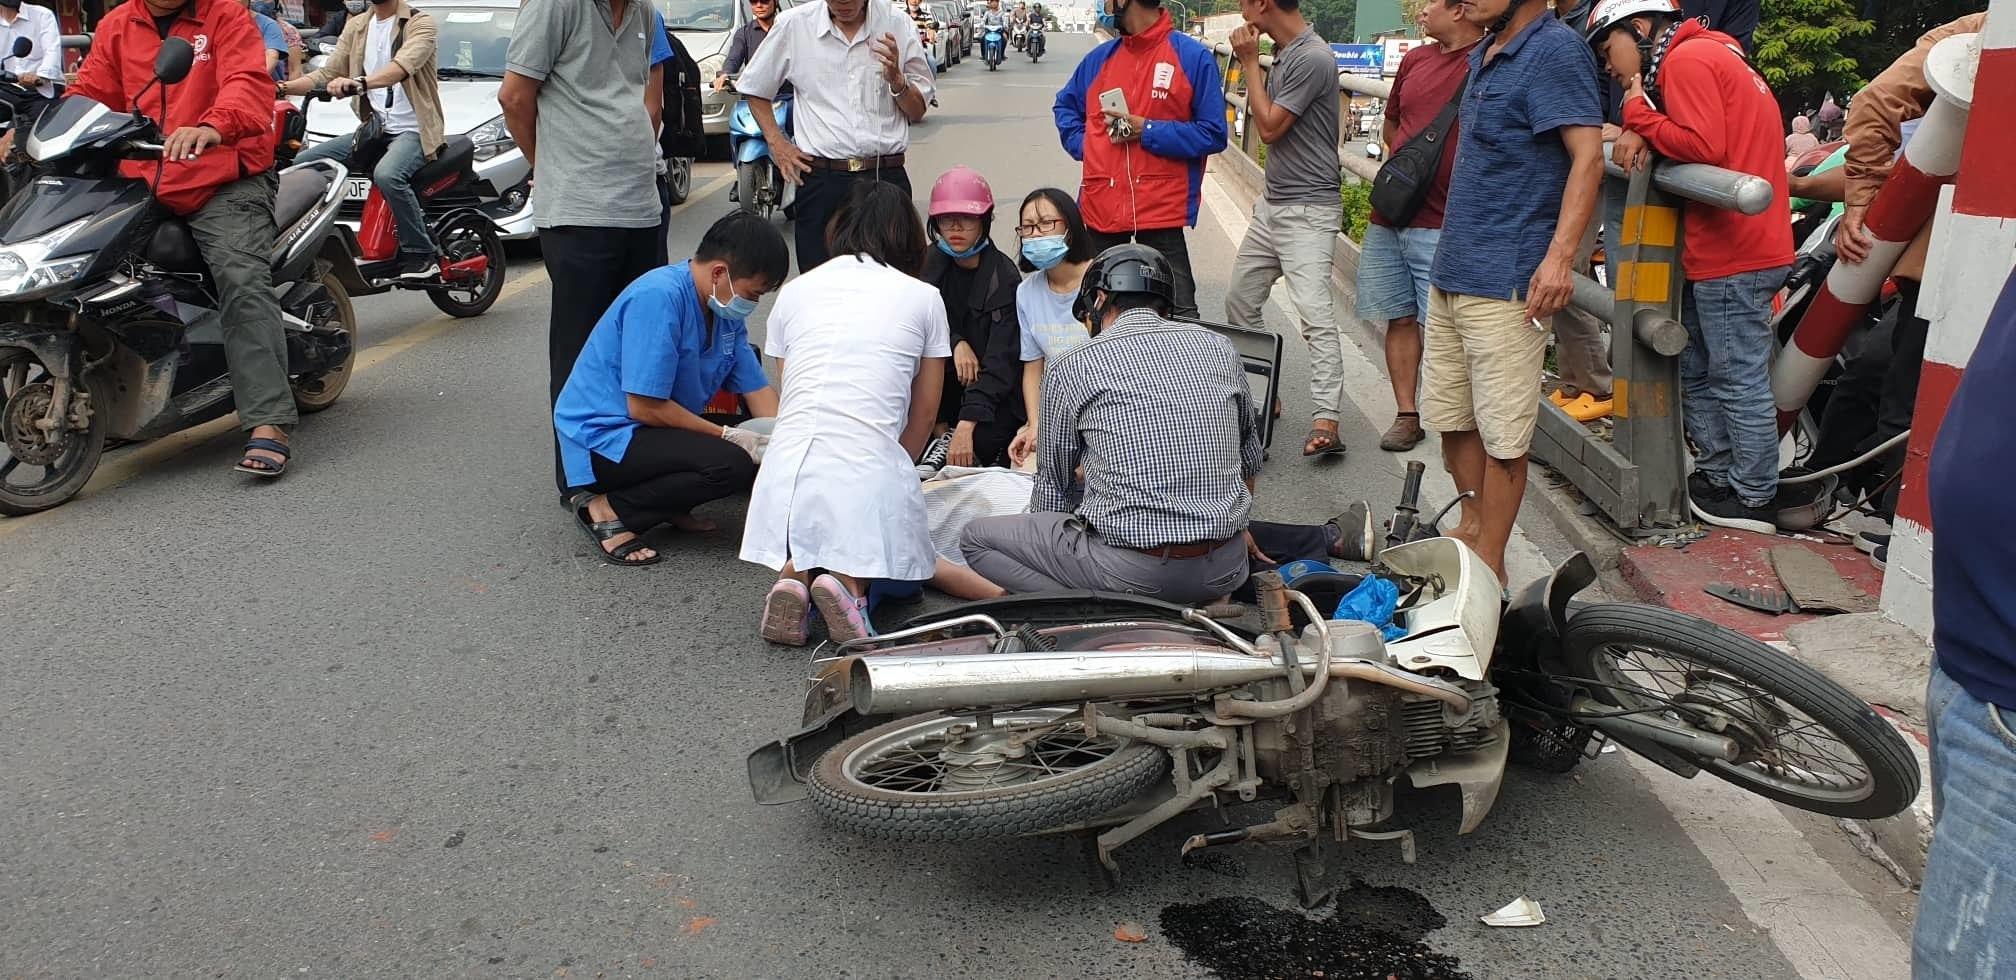 Hà Nội: Xe máy đâm vào trụ cầu vượt Thái Hà, 1 người tử vong Ảnh 1